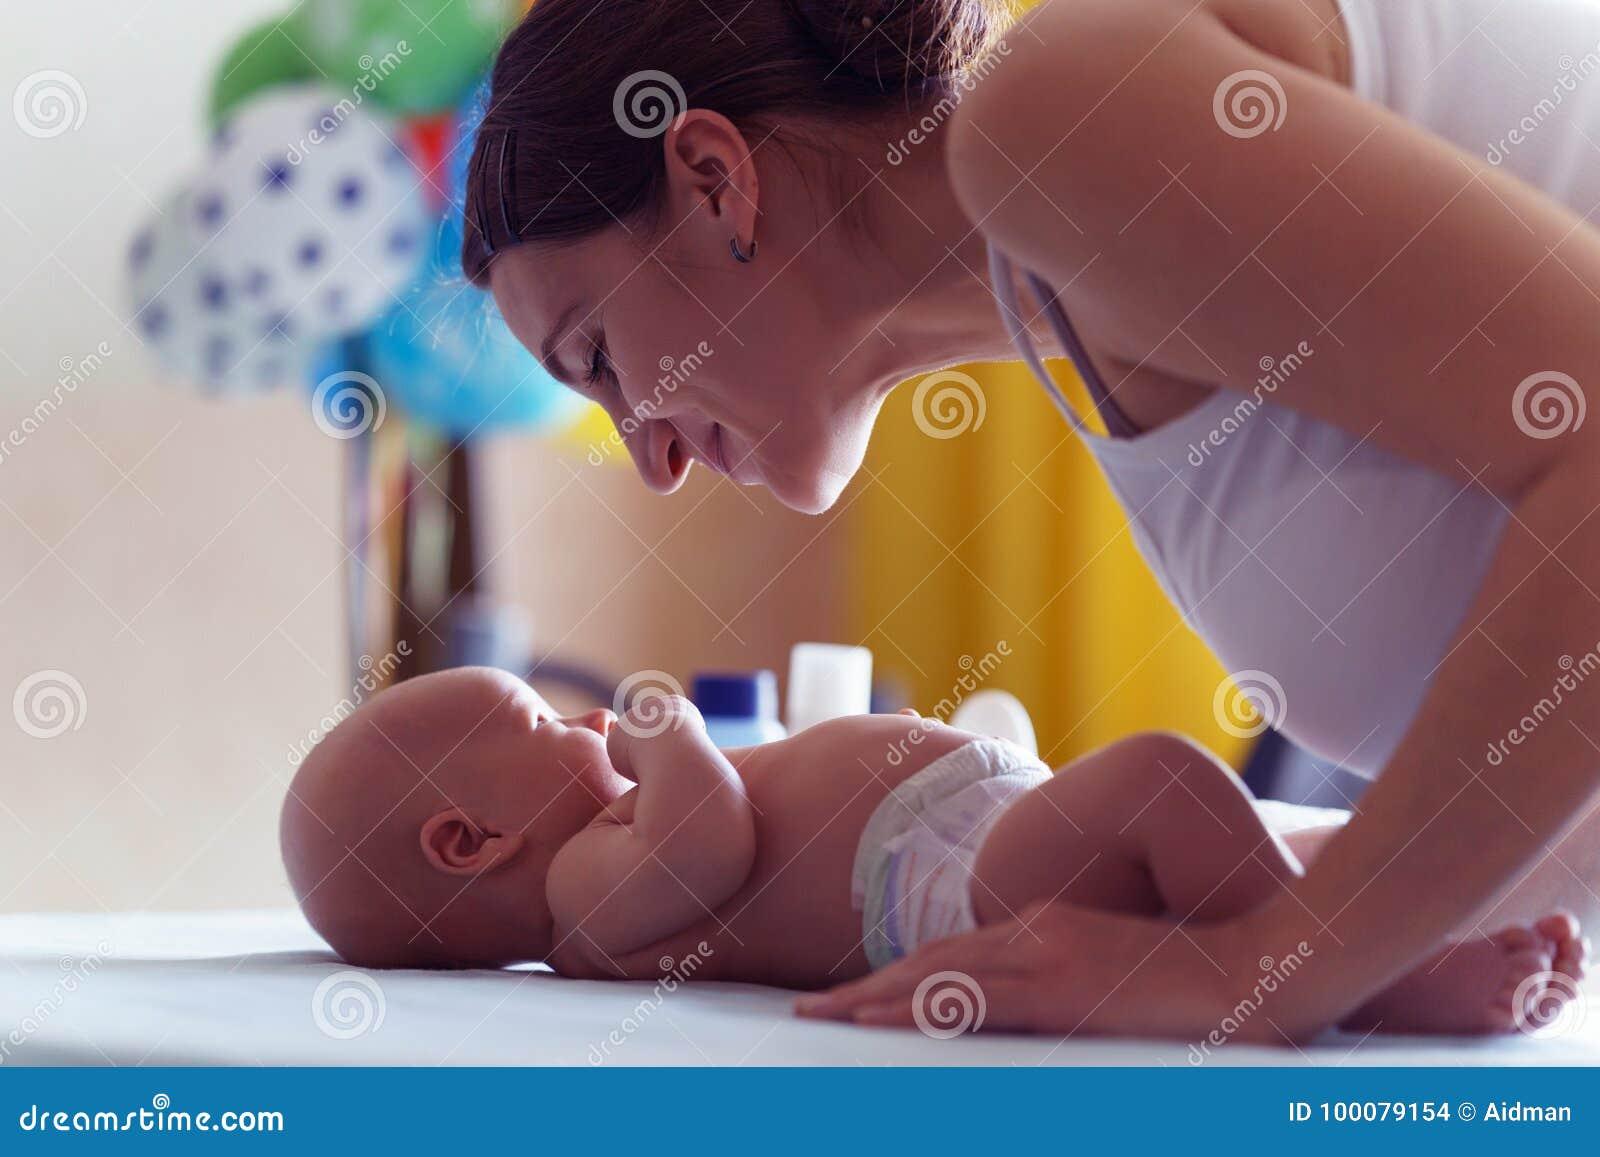 Mutter mit nettem Lächeln kümmert sich um ihrem neugeborenen Jungen auf ändernder Tabelle des Babys